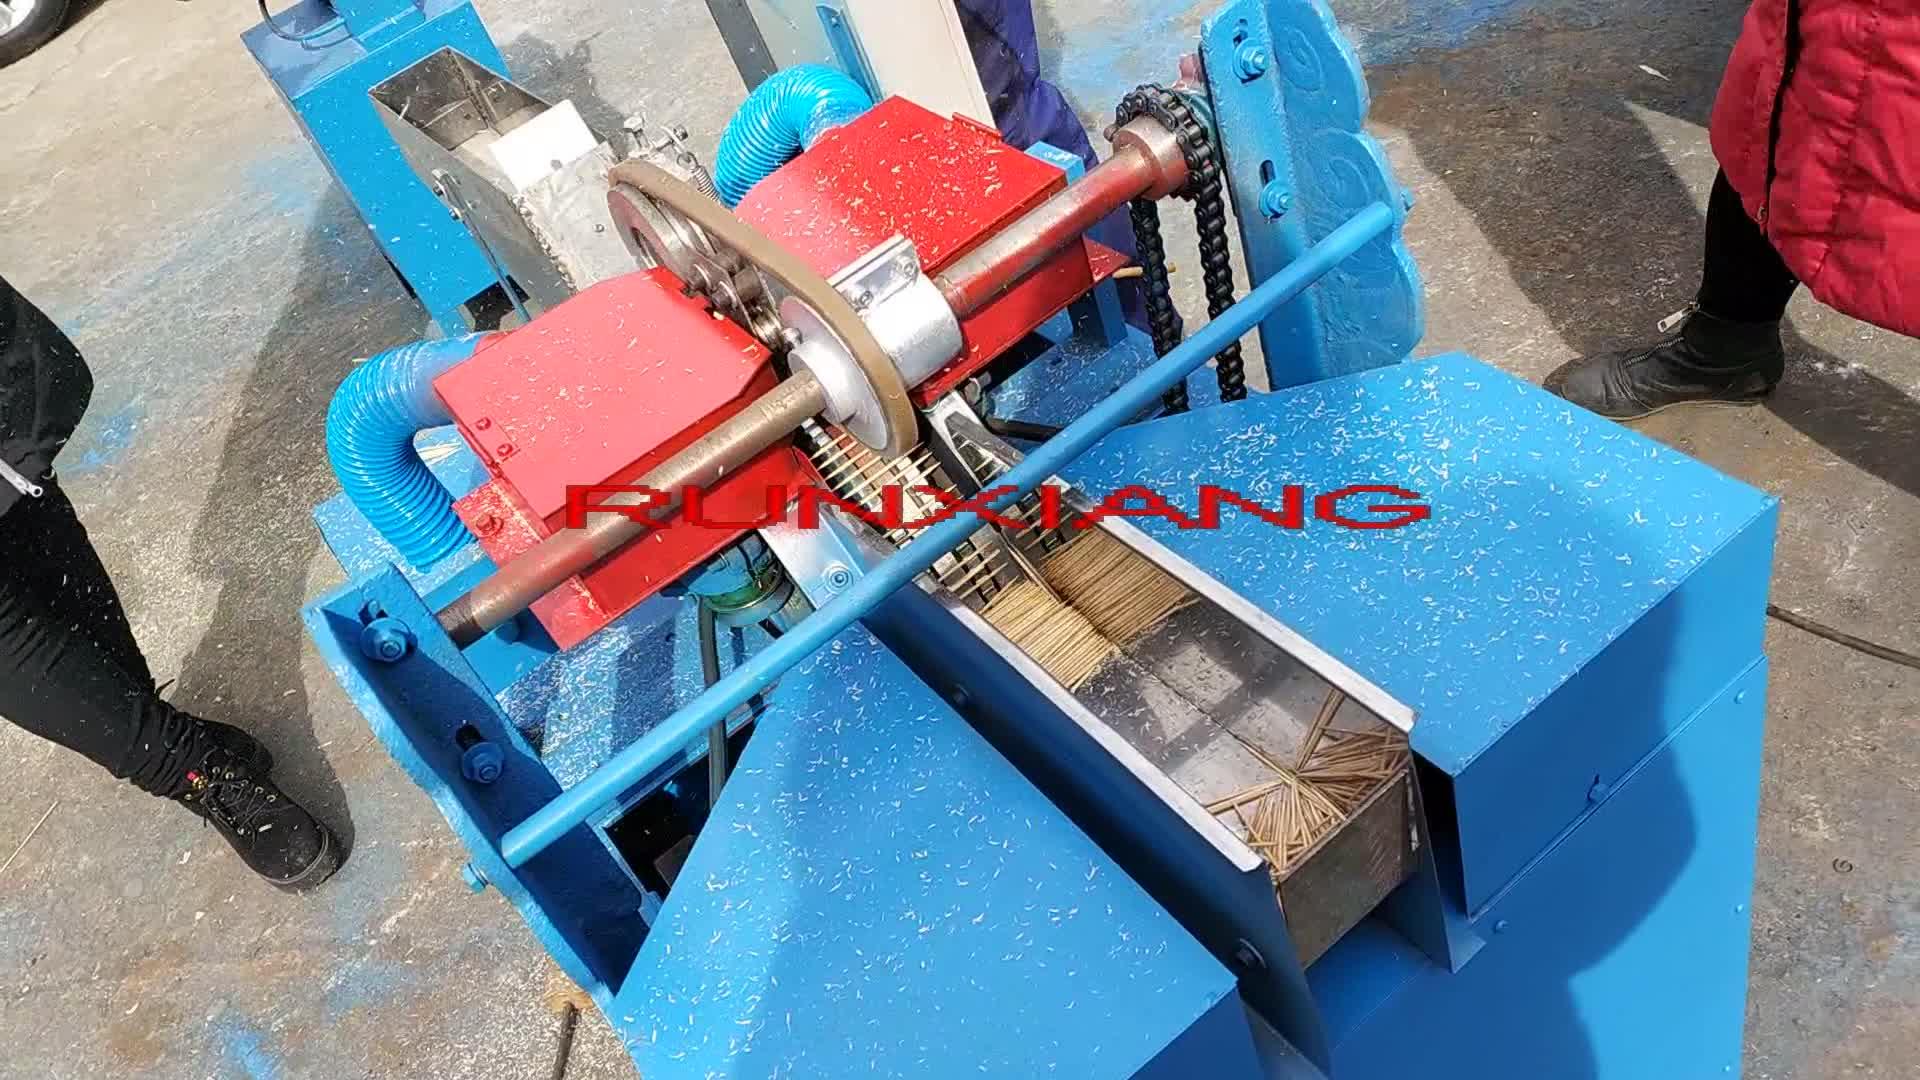 Kürdan üretim makinesi / Ahşap kürdan işleme makinesi / Otomatik bambu kürdan makinesi fiyatı